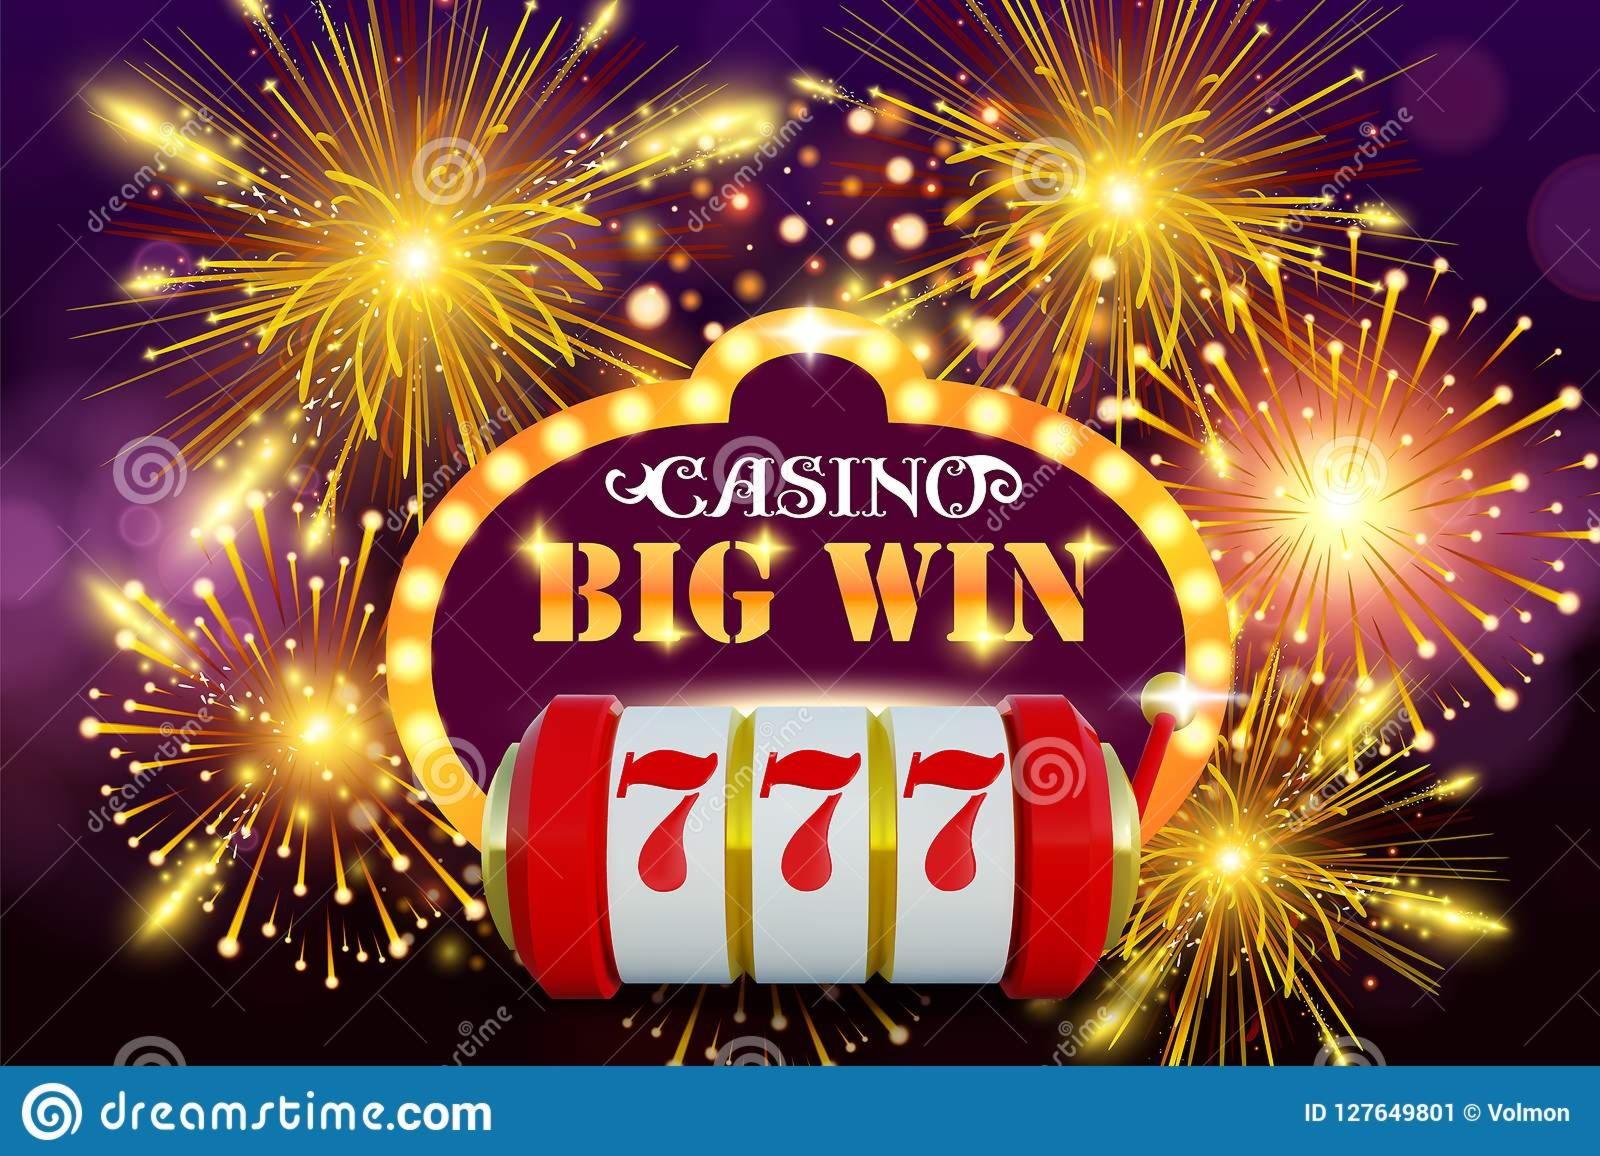 500% Best Signup Bonus Casino at Royal Panda